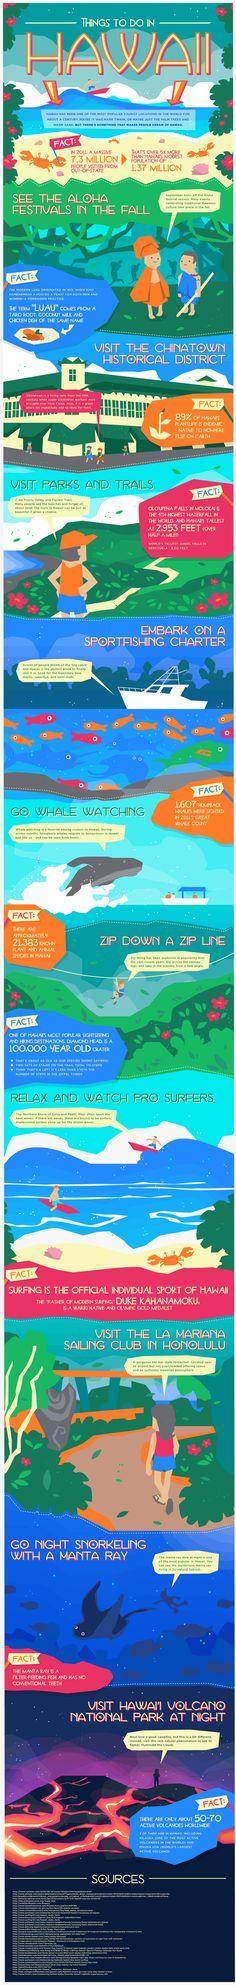 Cosas que hacer en Hawaii #infografia #infographic #tourism   TICs y Formación